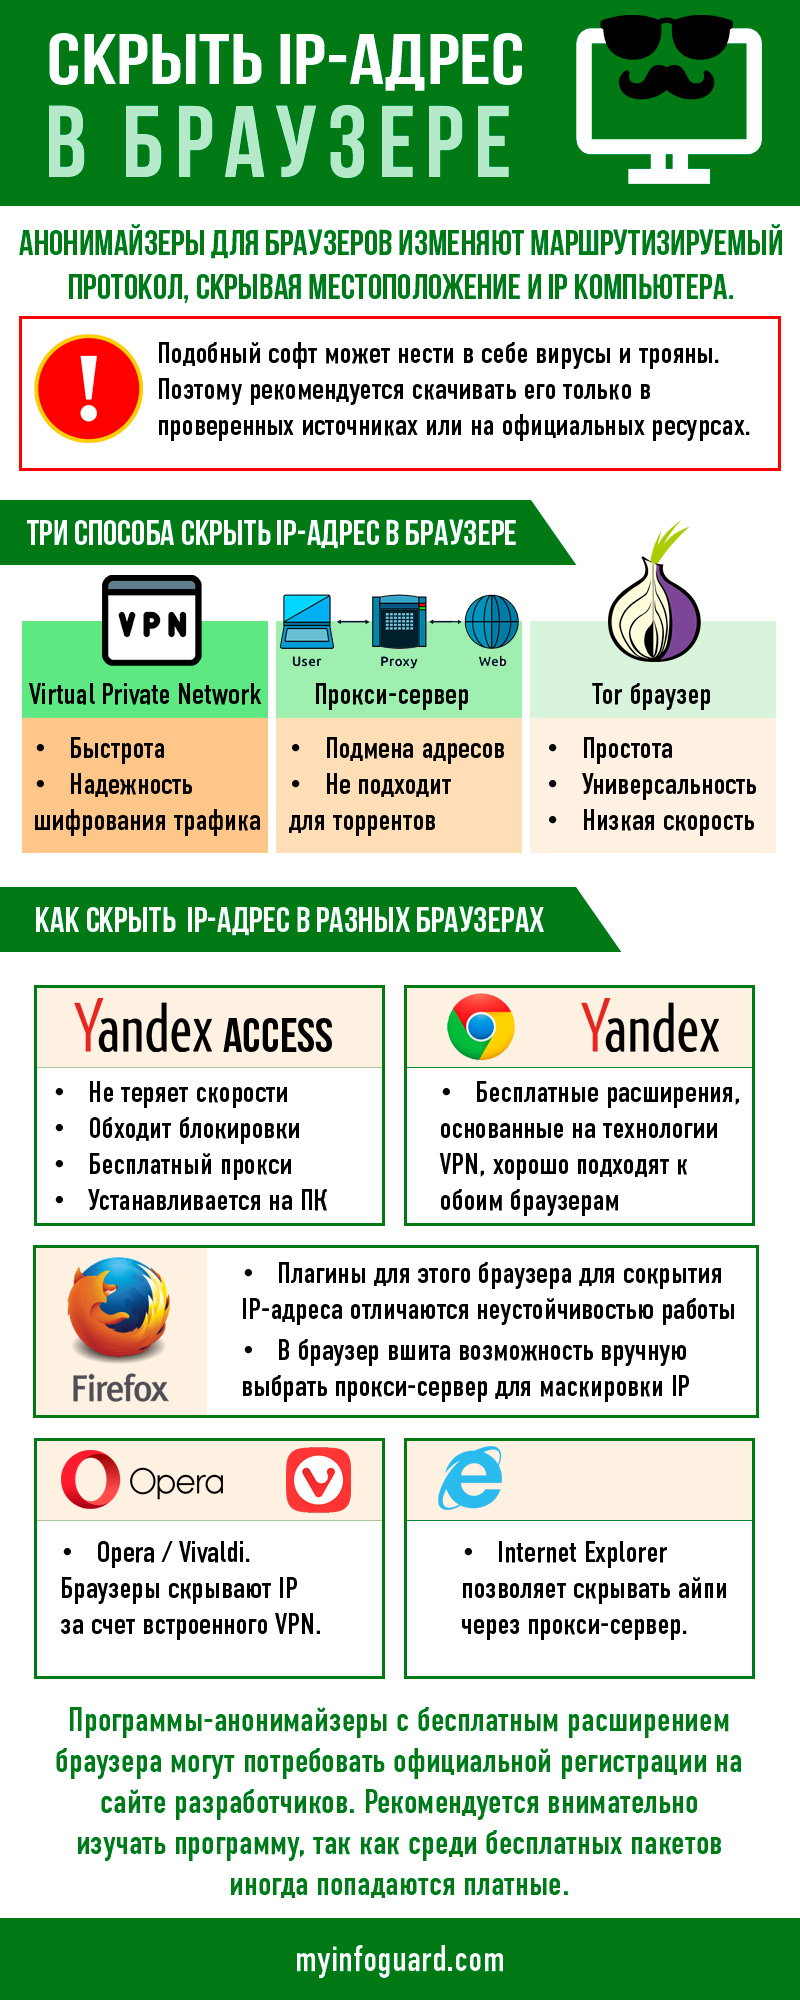 Как скрыть IP адрес в браузерах